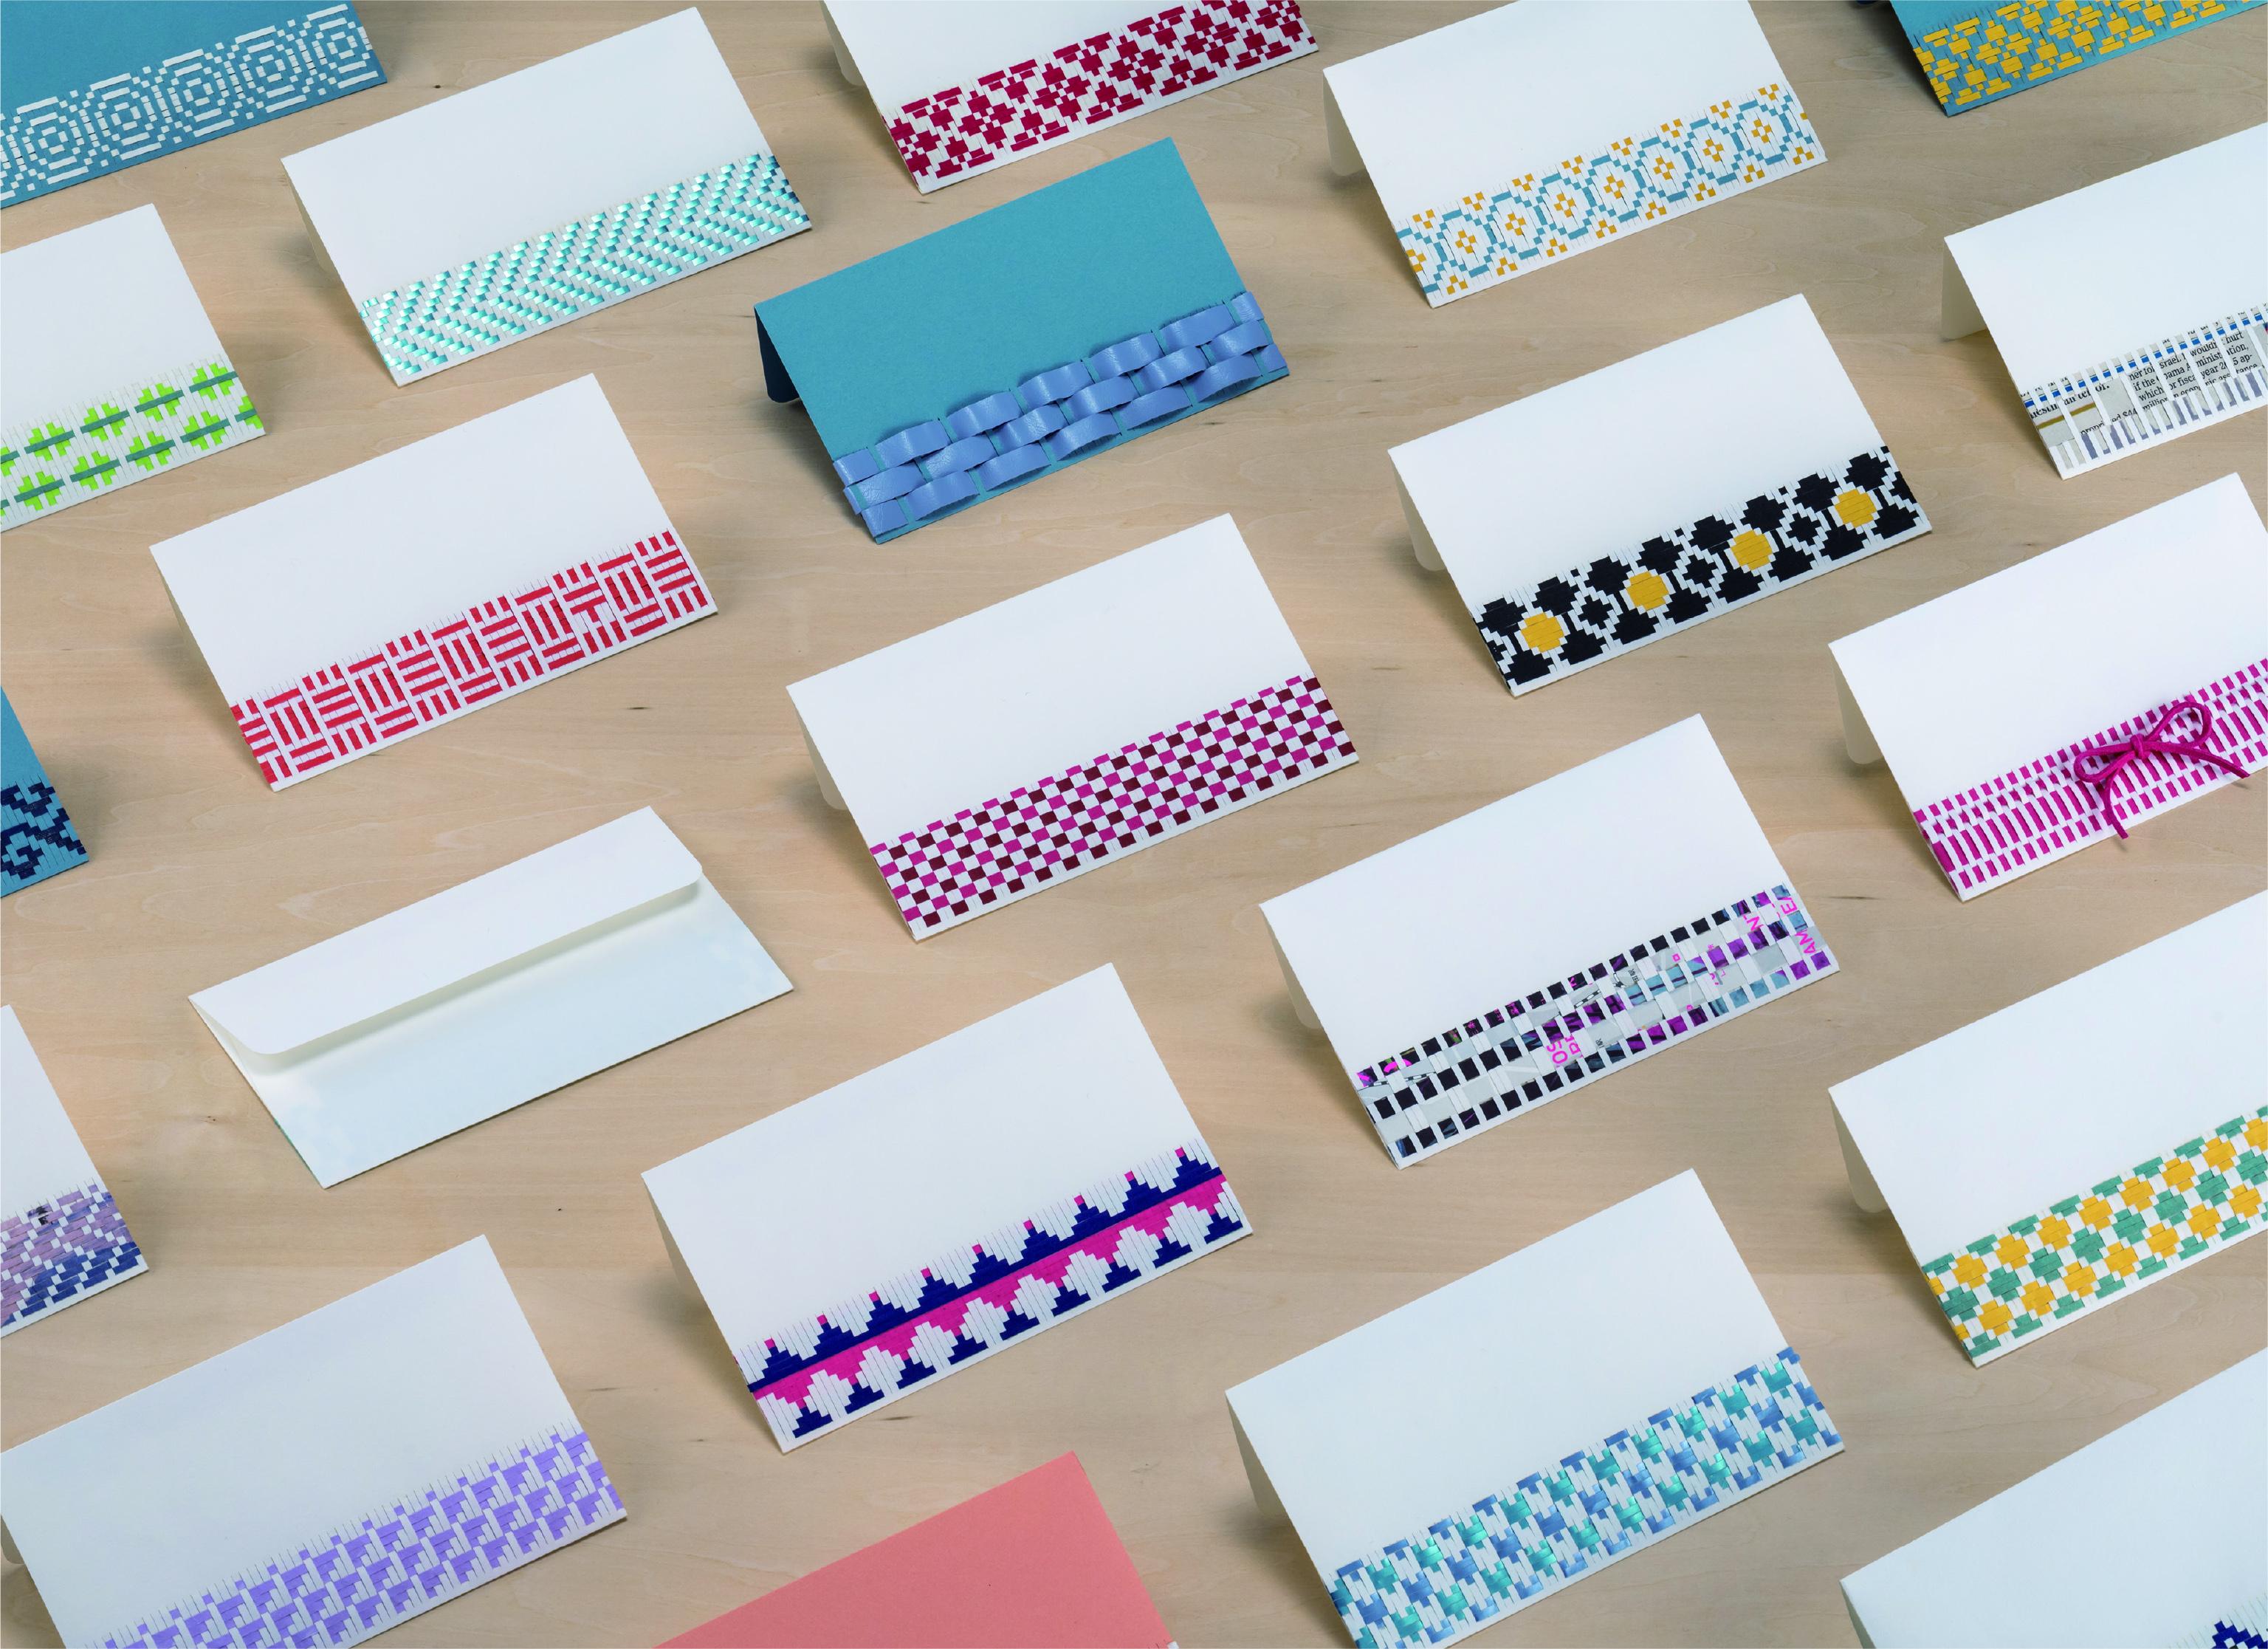 <p>秋田市長特別賞 </p> <p>「orite」</p> <p>小野寺 絢子 Onodera Ayako<br /> (コミュニケーションデザイン専攻)</p> <p>手紙用封筒を季節の模様や旅先で見つけたもので自由に演出できるキット。SNS隆盛の中、感触や匂い、雰囲気など従来の手紙が持つ魅力を演出するアイデアを、豊富で楽しい作例と共に示している。</p> <p>封筒30点</p>